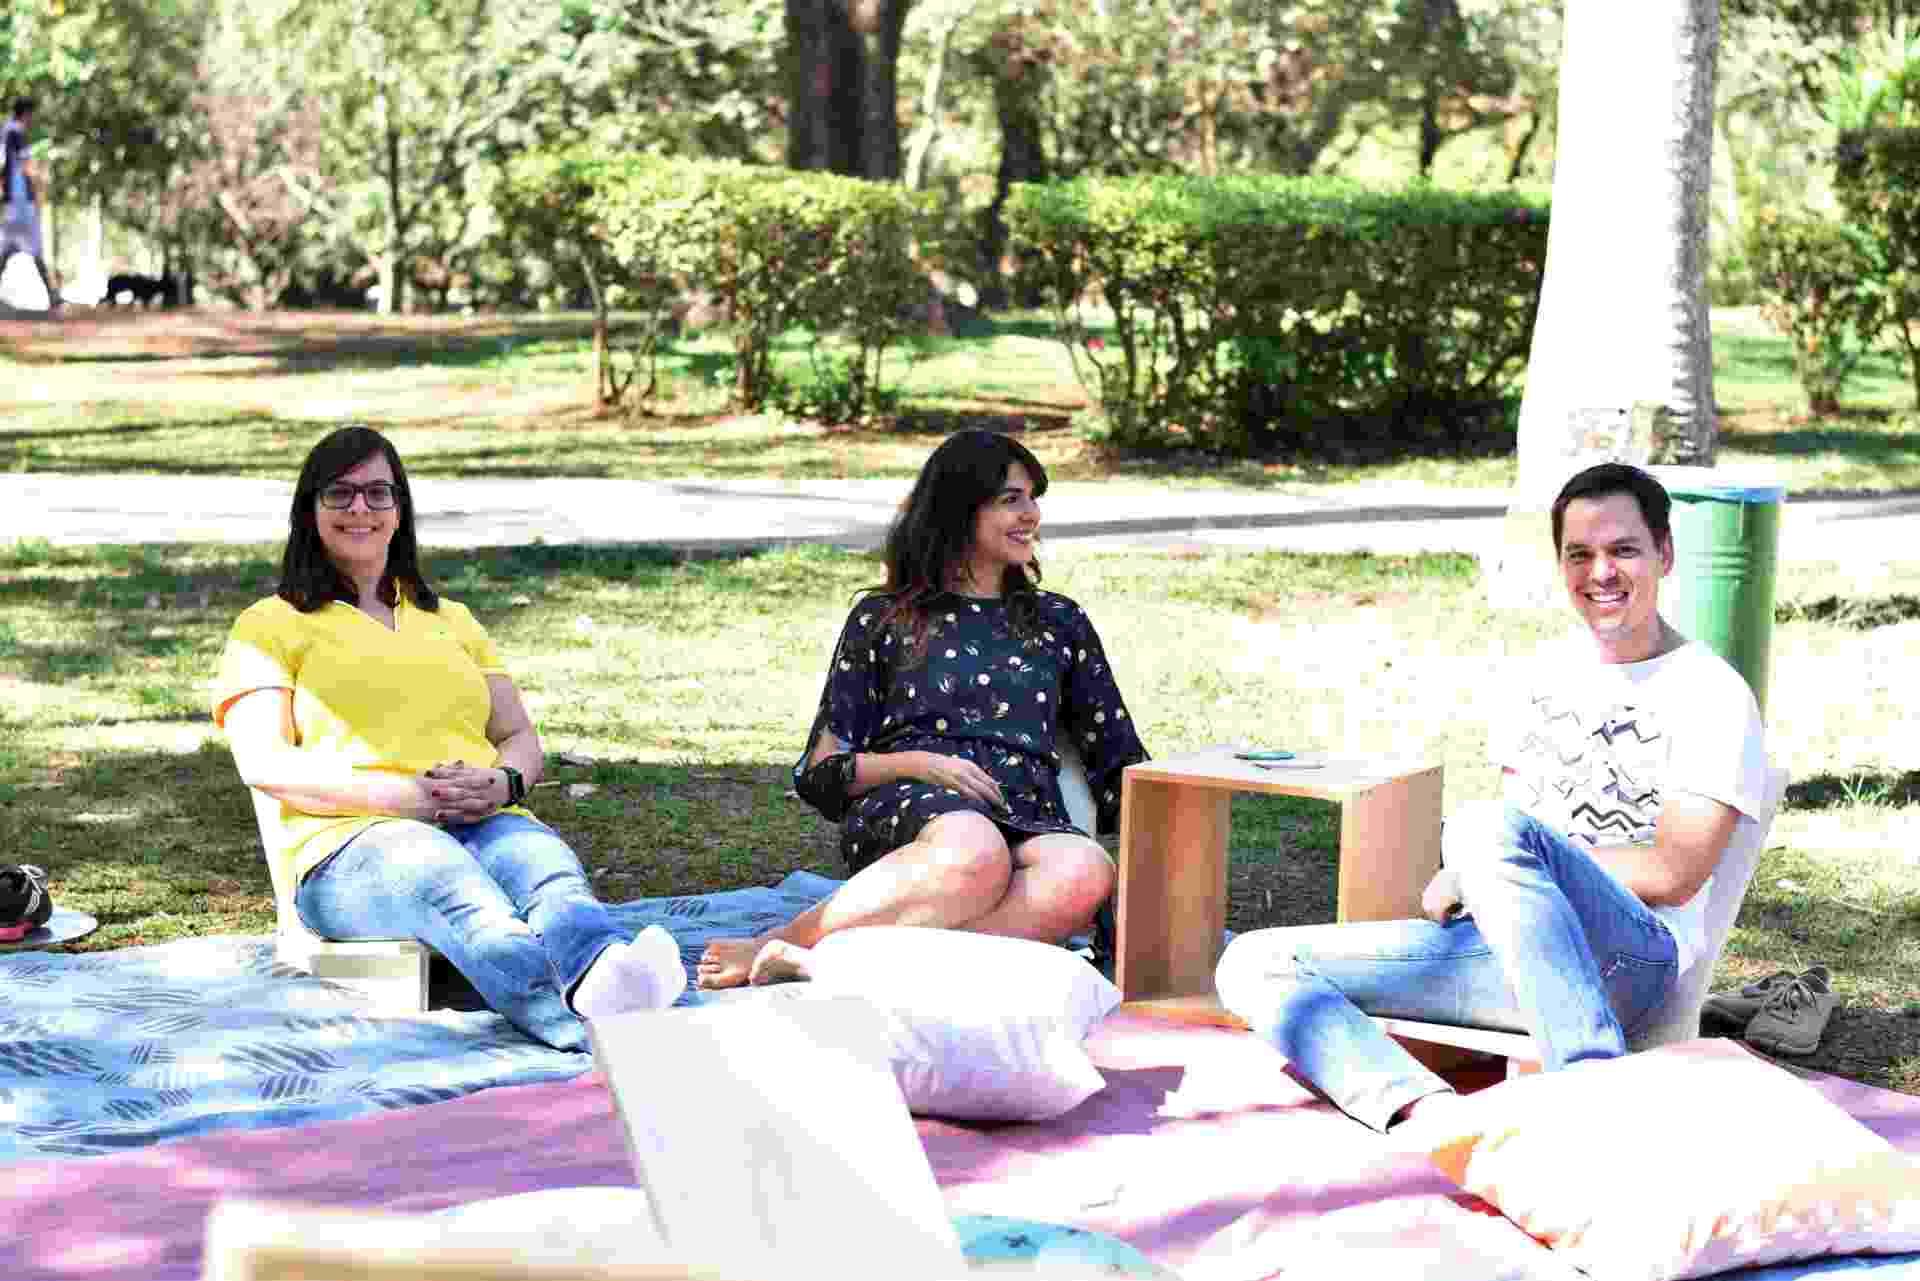 Ludmyla Almeida, Harissa Bittar e Guilherme Fiorotto são sócios da Convescote, empresa que fornece mobiliário e decoração para piqueniques e festas ao ar livre em São Paulo - Divulgação